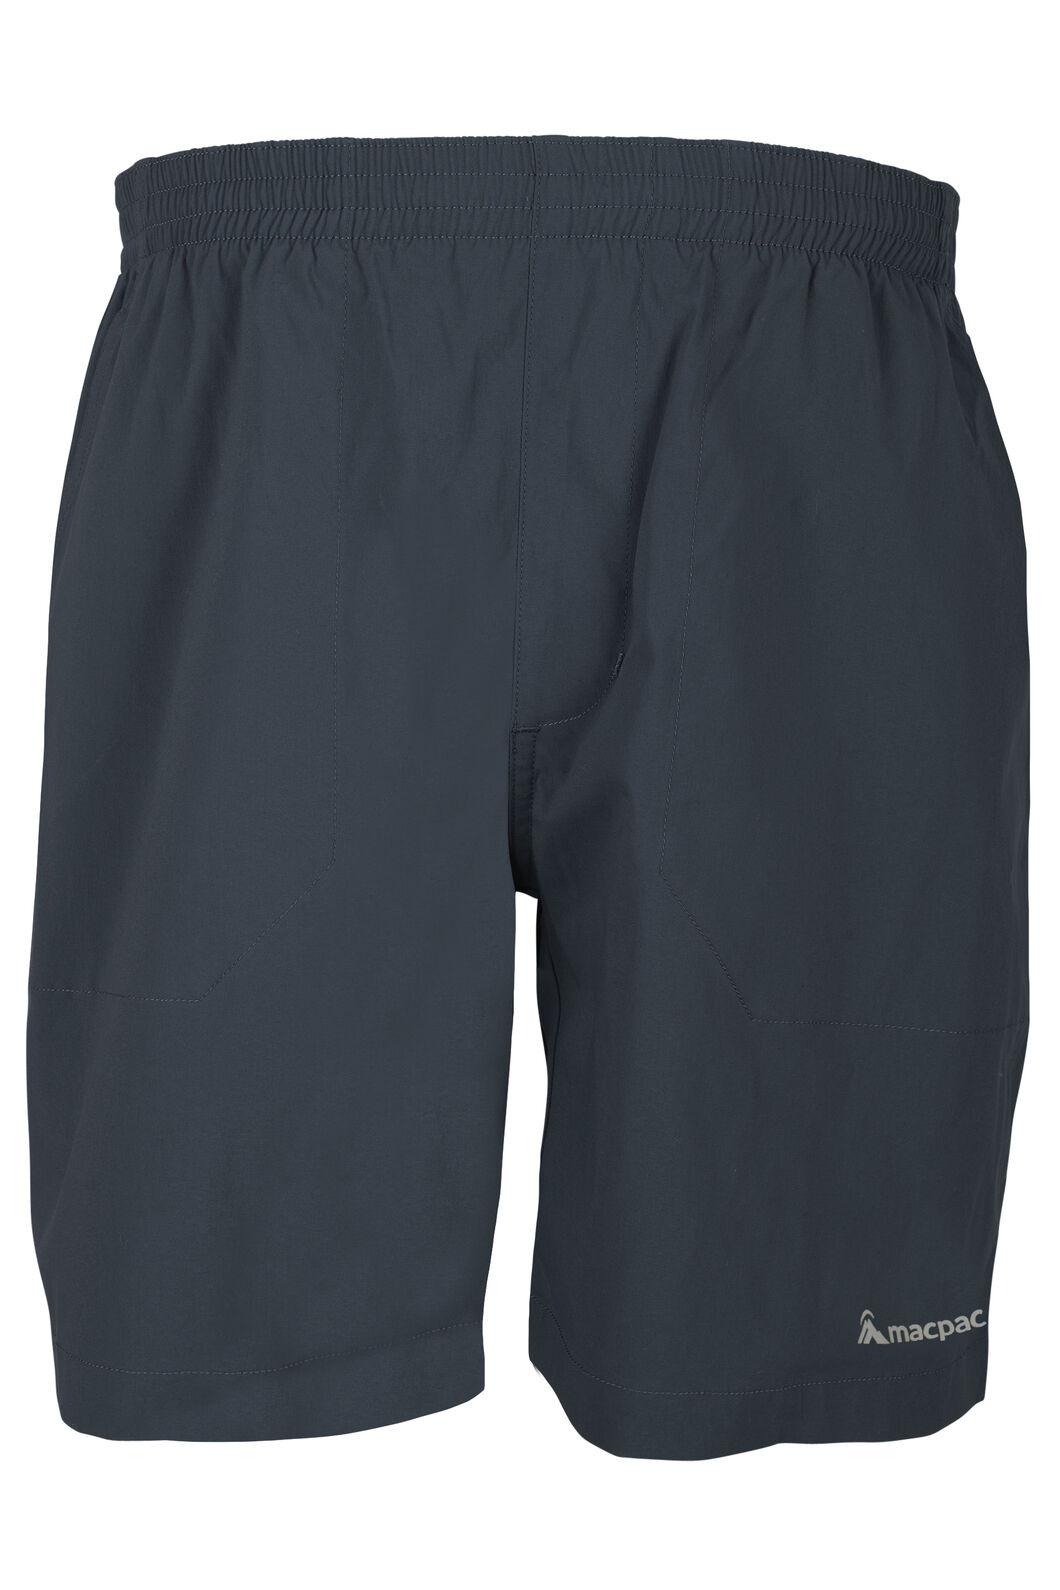 Rockover Shorts - Men's, Carbon, hi-res